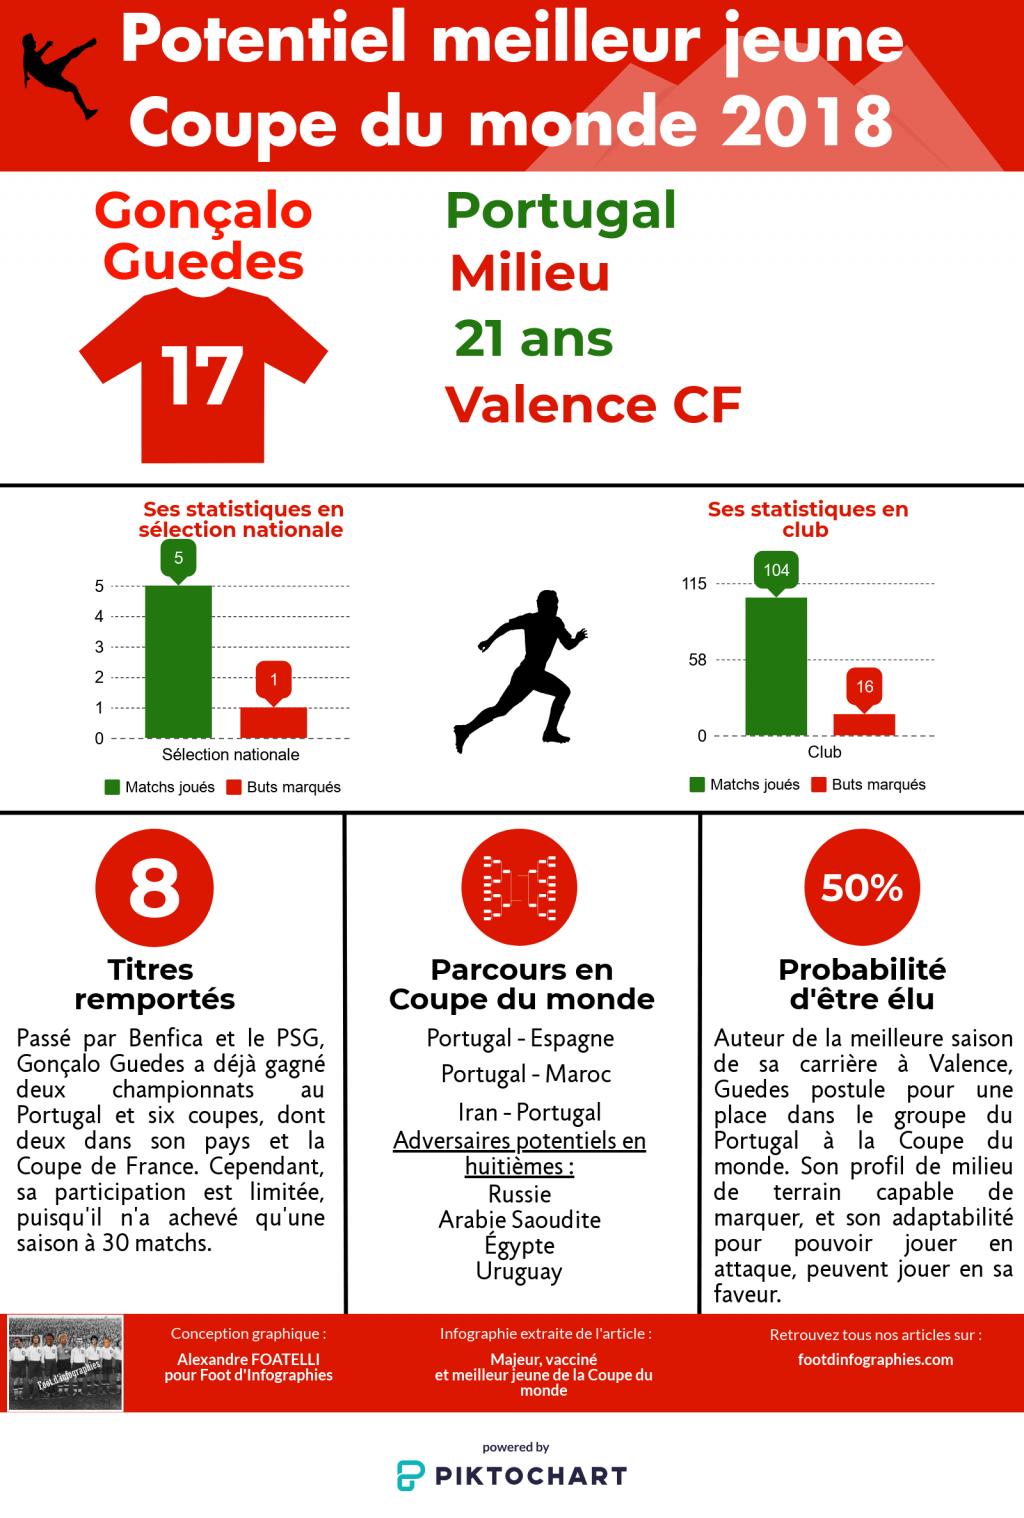 gonçalo-guedes-meilleur-jeune-cdm-2018-foot-dinfographies